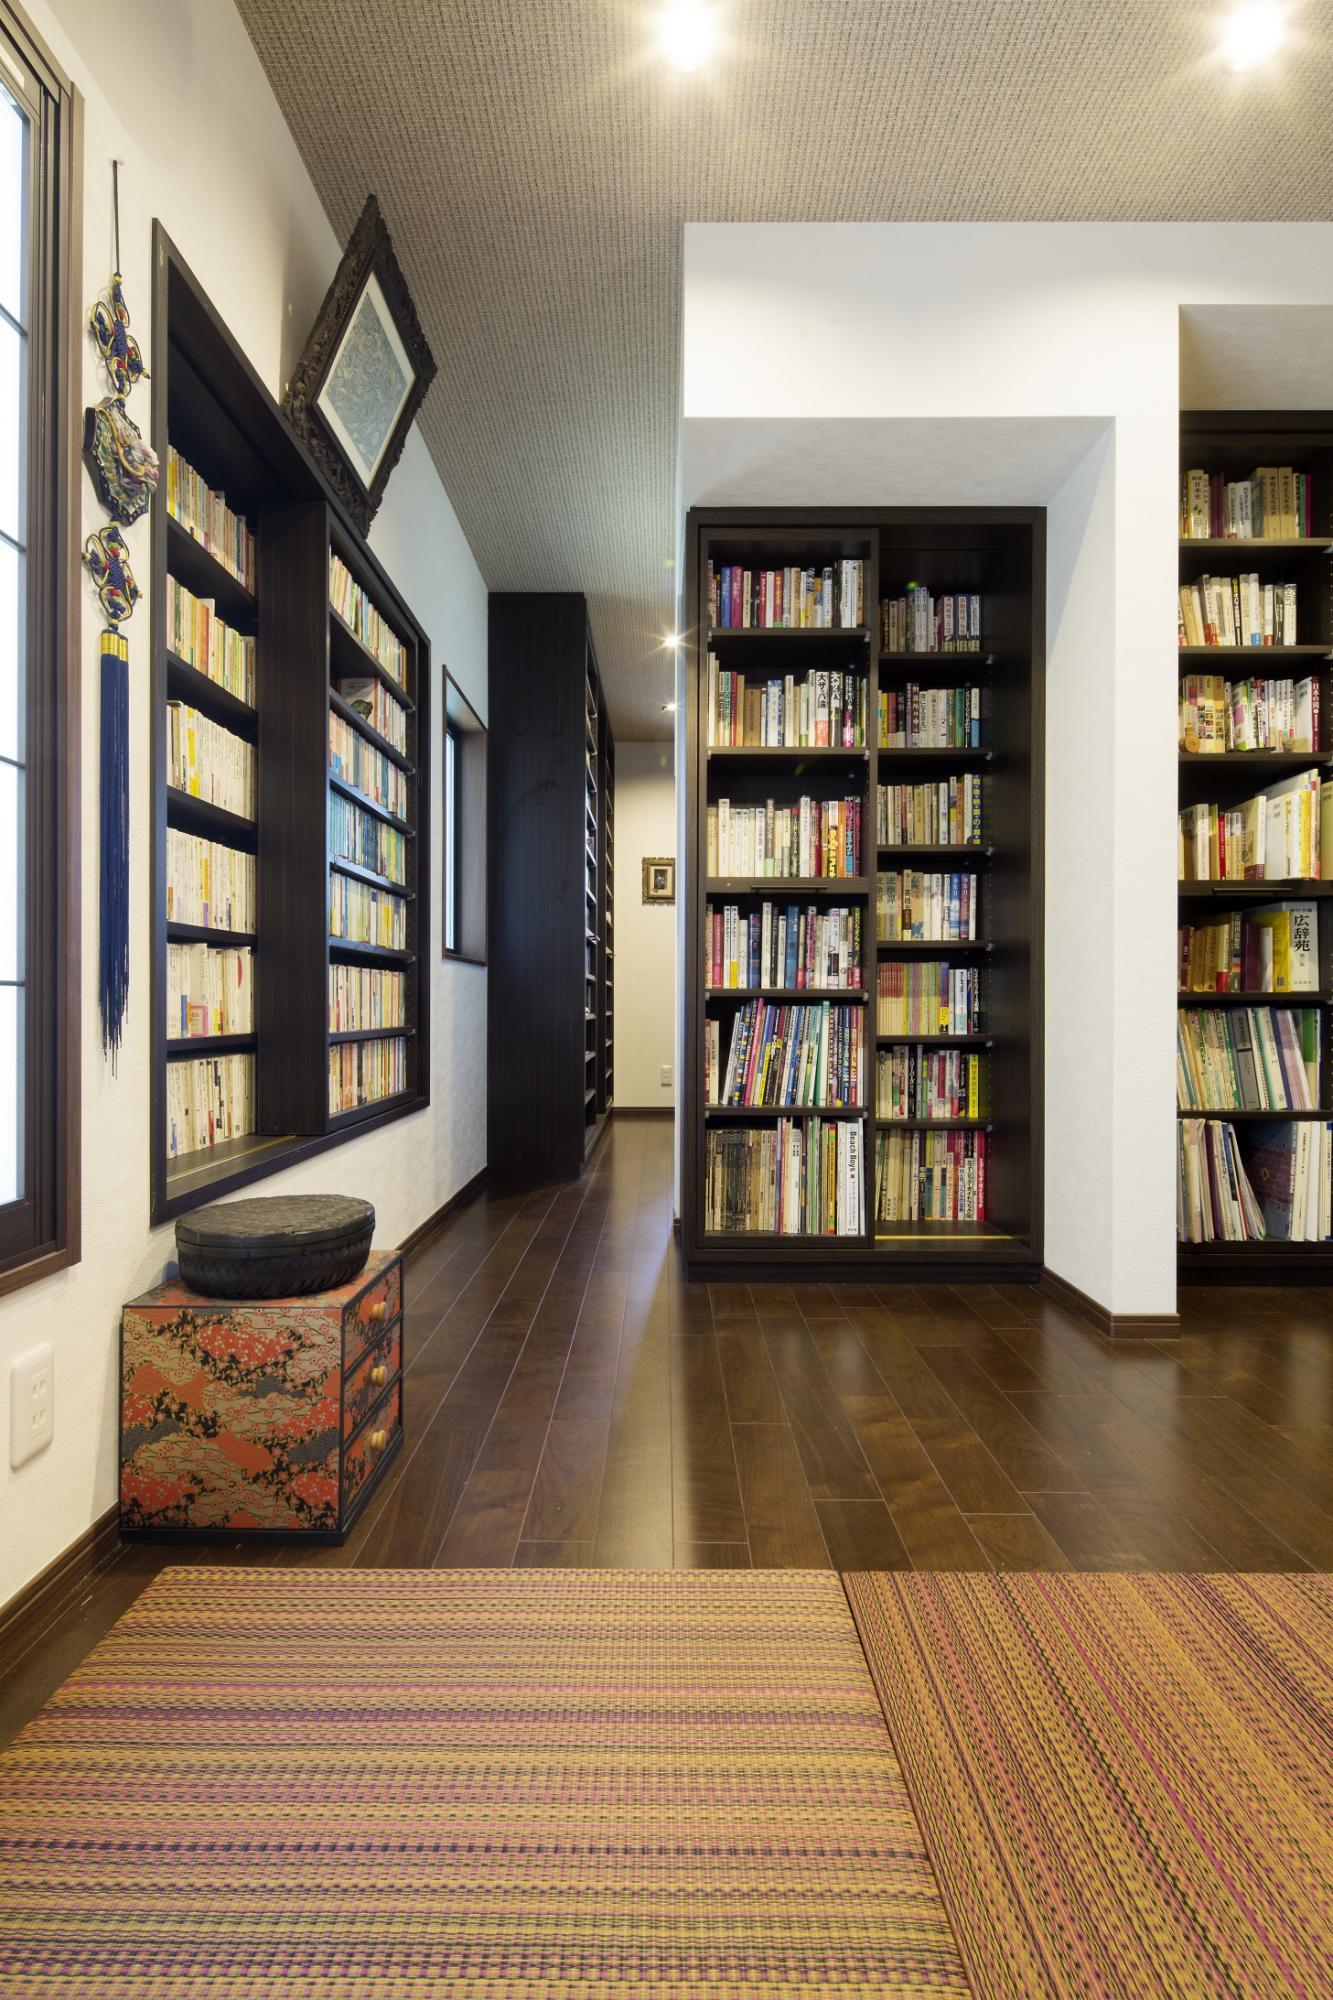 大量の蔵書をなるべく多く収納できるよう、スライド式の書棚を造作しました。本の重量に耐えられるように基礎や下地を補強しなければならなく、柱の位置なども変わるため、これを機に耐震性も見直し、耐震設計をして家全体の耐震補強を行いました。